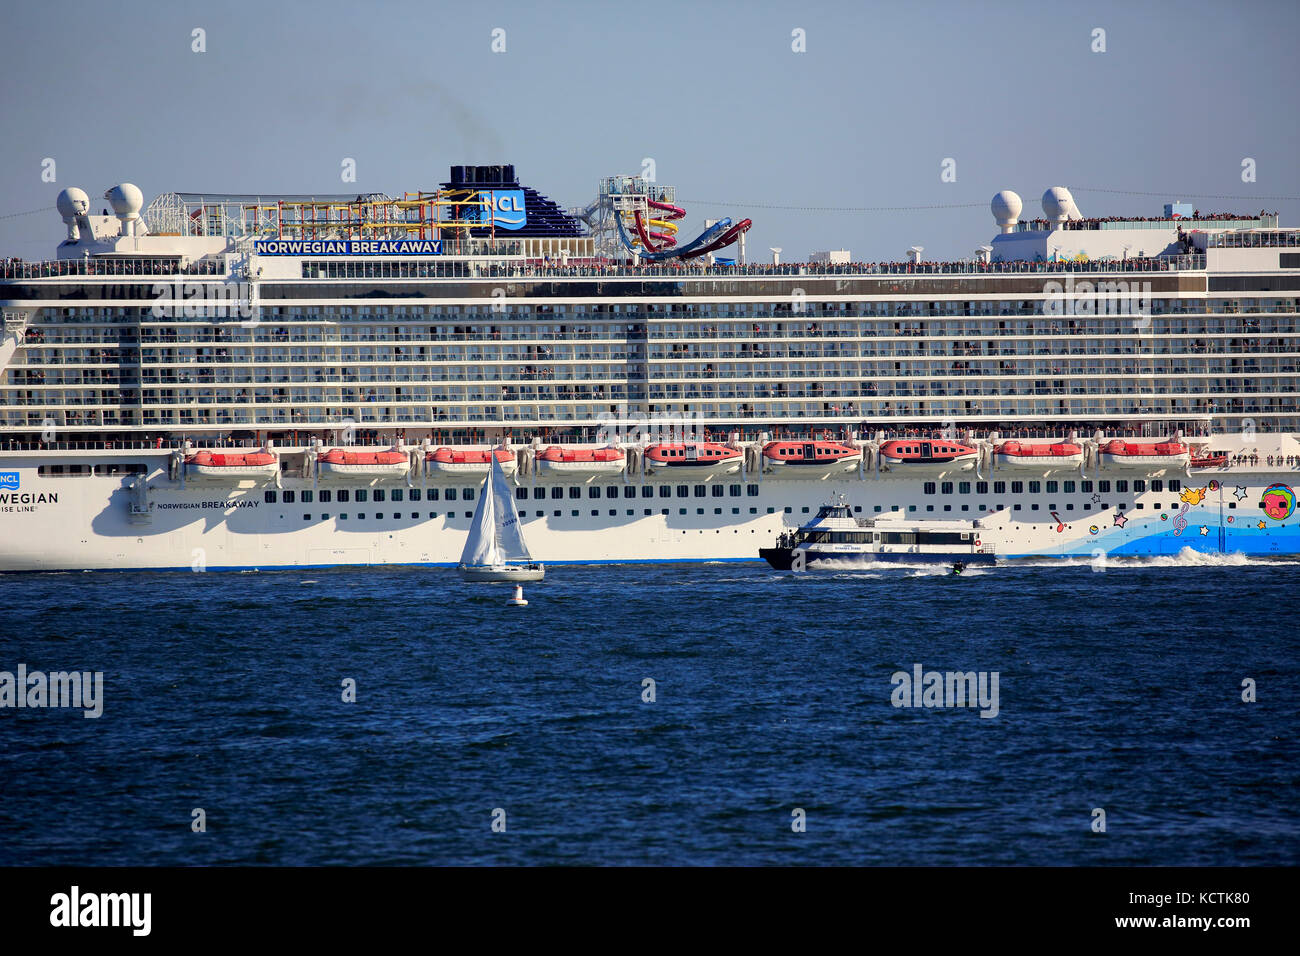 Norwegische Abreiß-Kreuzfahrtschiff in den Hudson River mit Segelboot im Vordergrund. new york city, usa. Stockbild